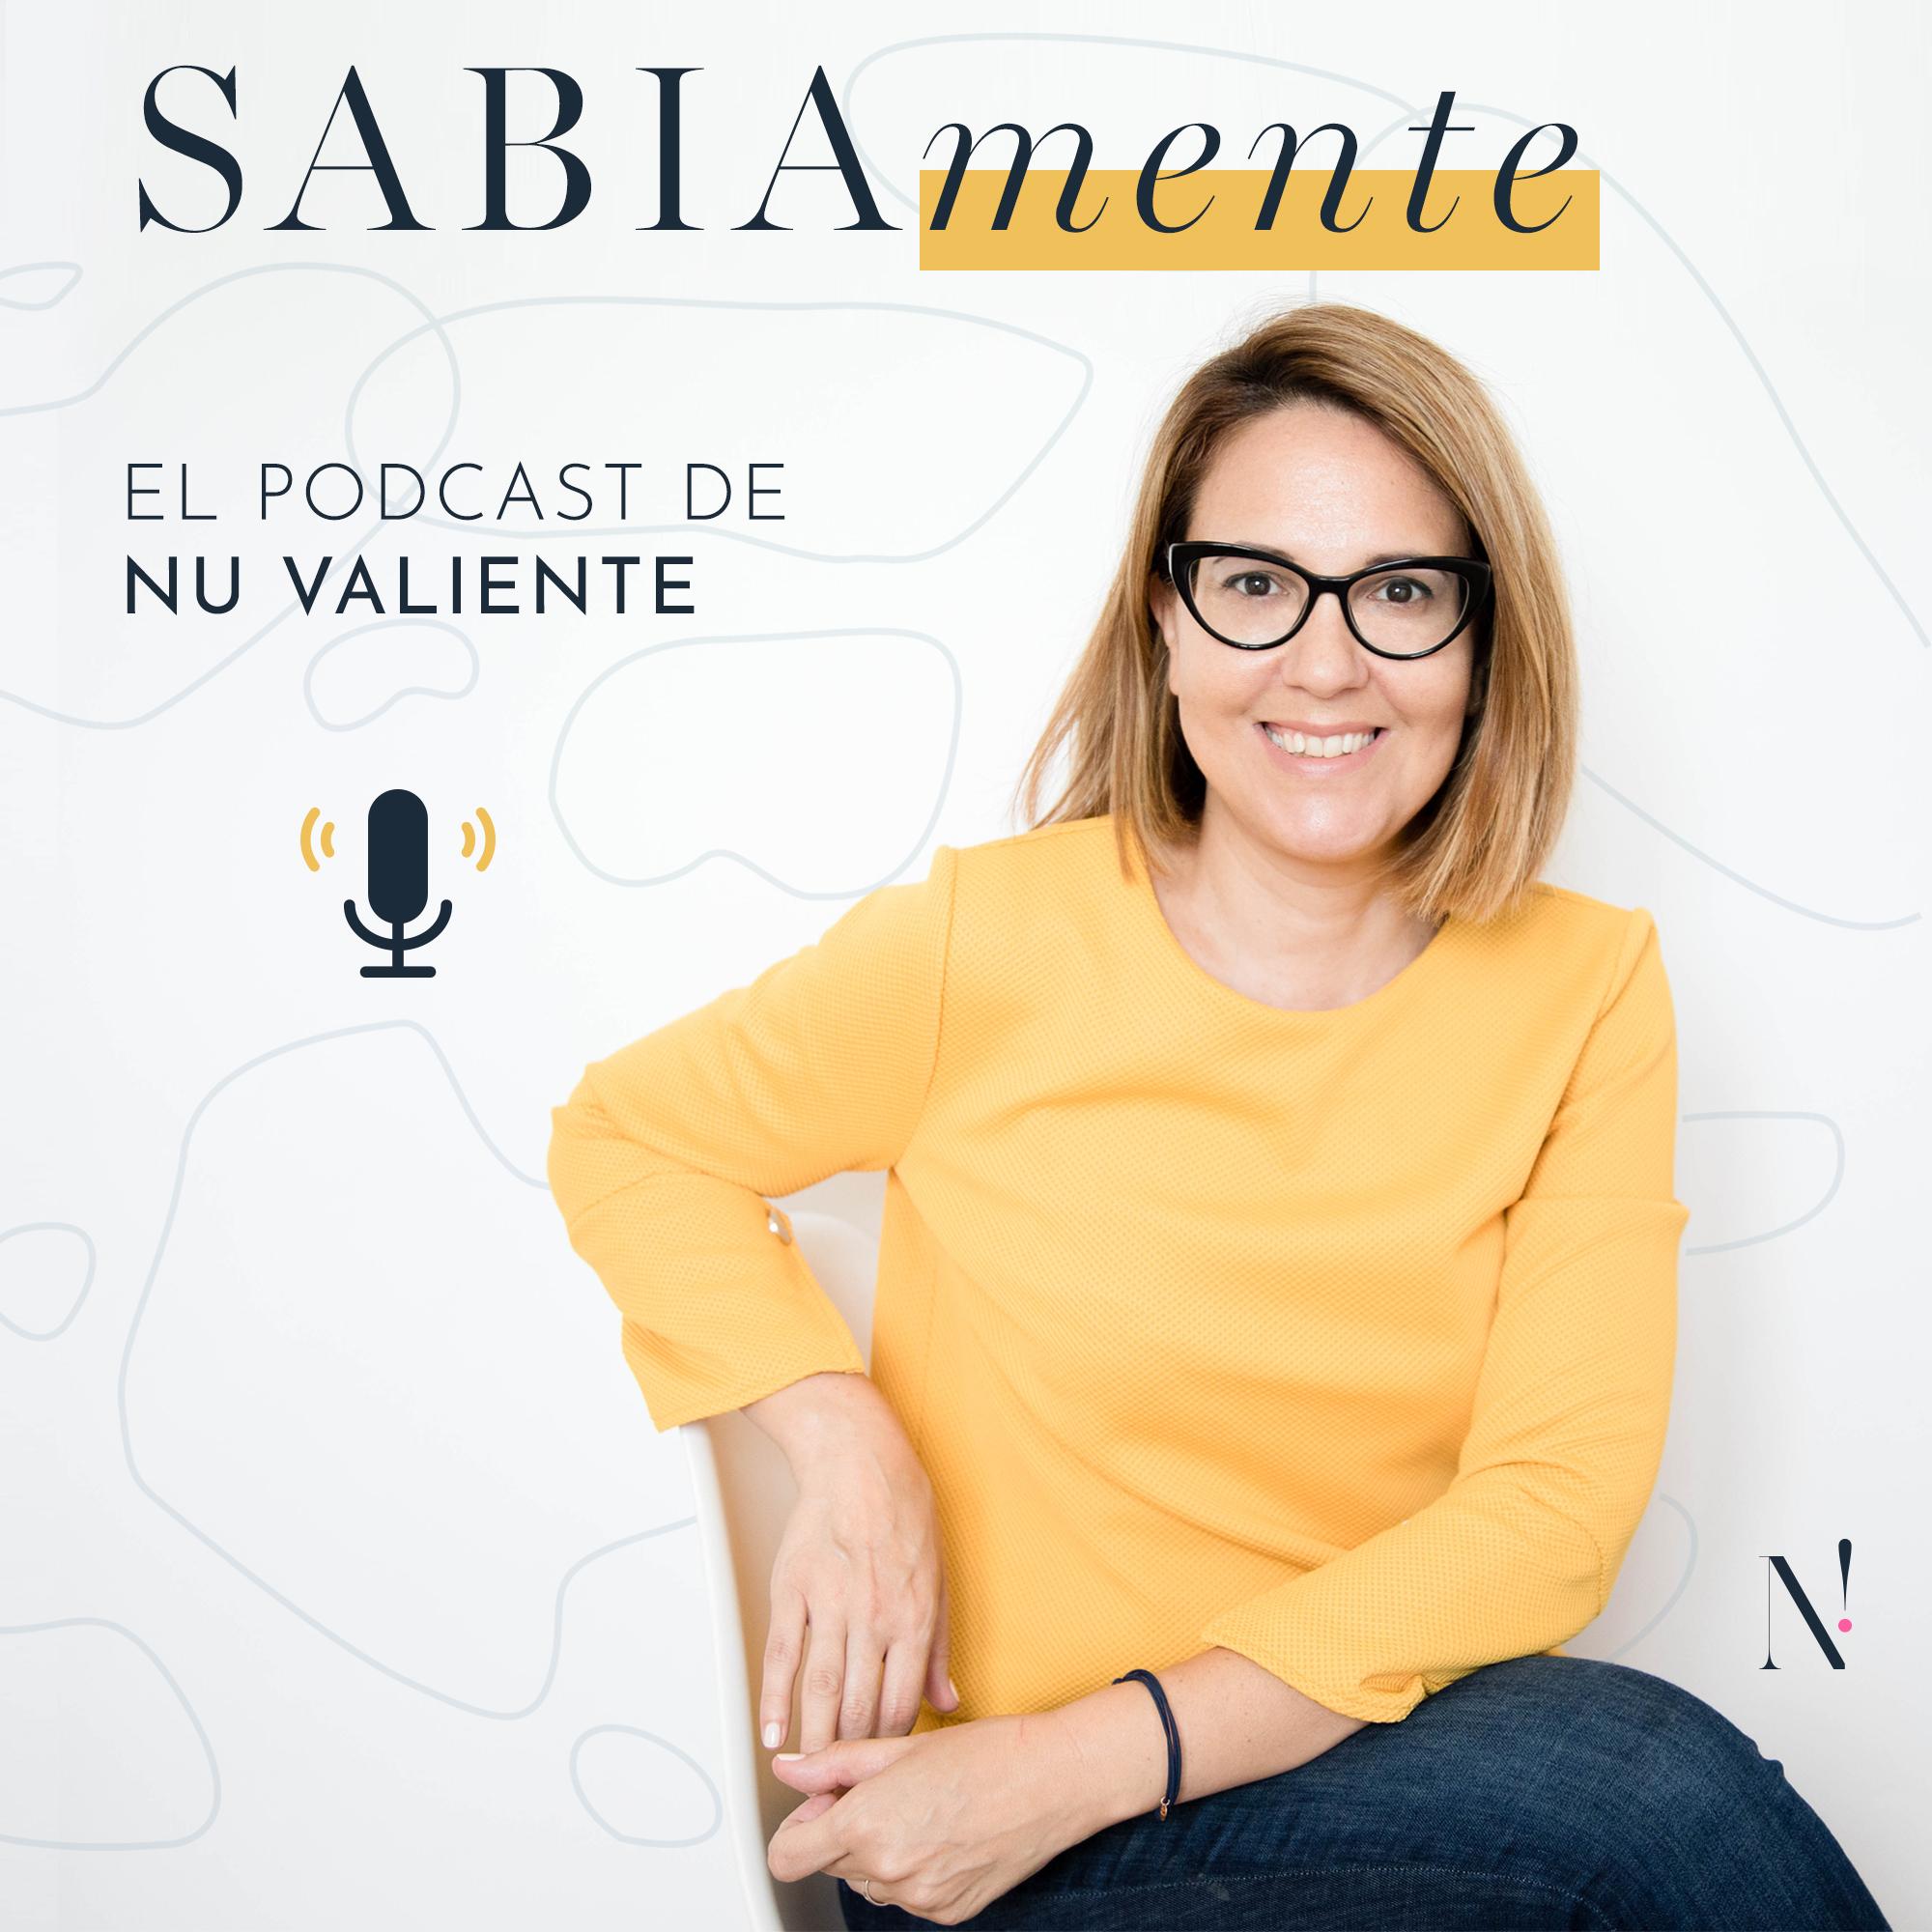 Mi podcast SABIAmente acaba de nacer